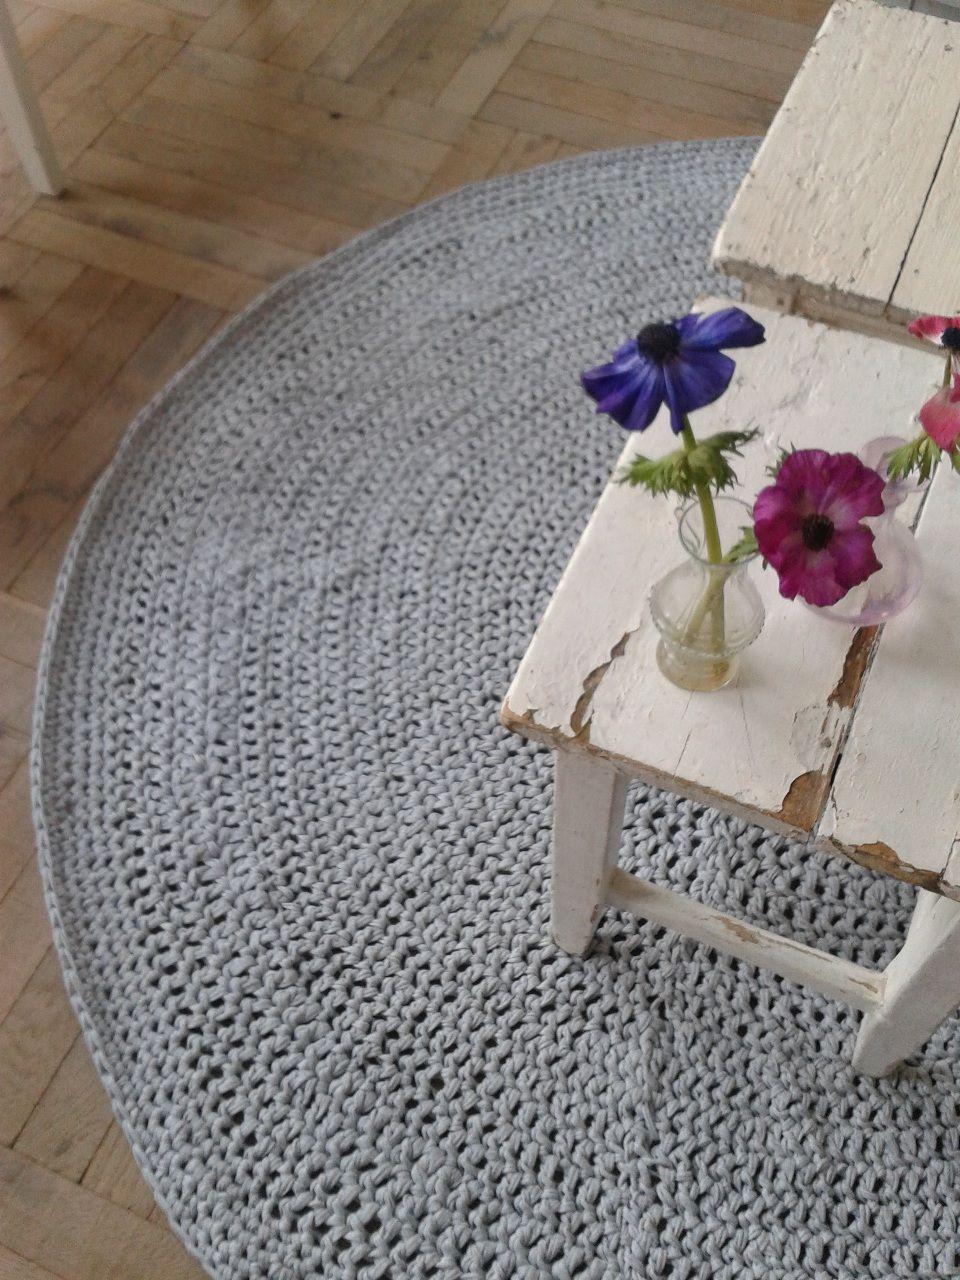 Zpagetti Vloerkleed 2 M Doorsnee Haken Pinterest Crochet